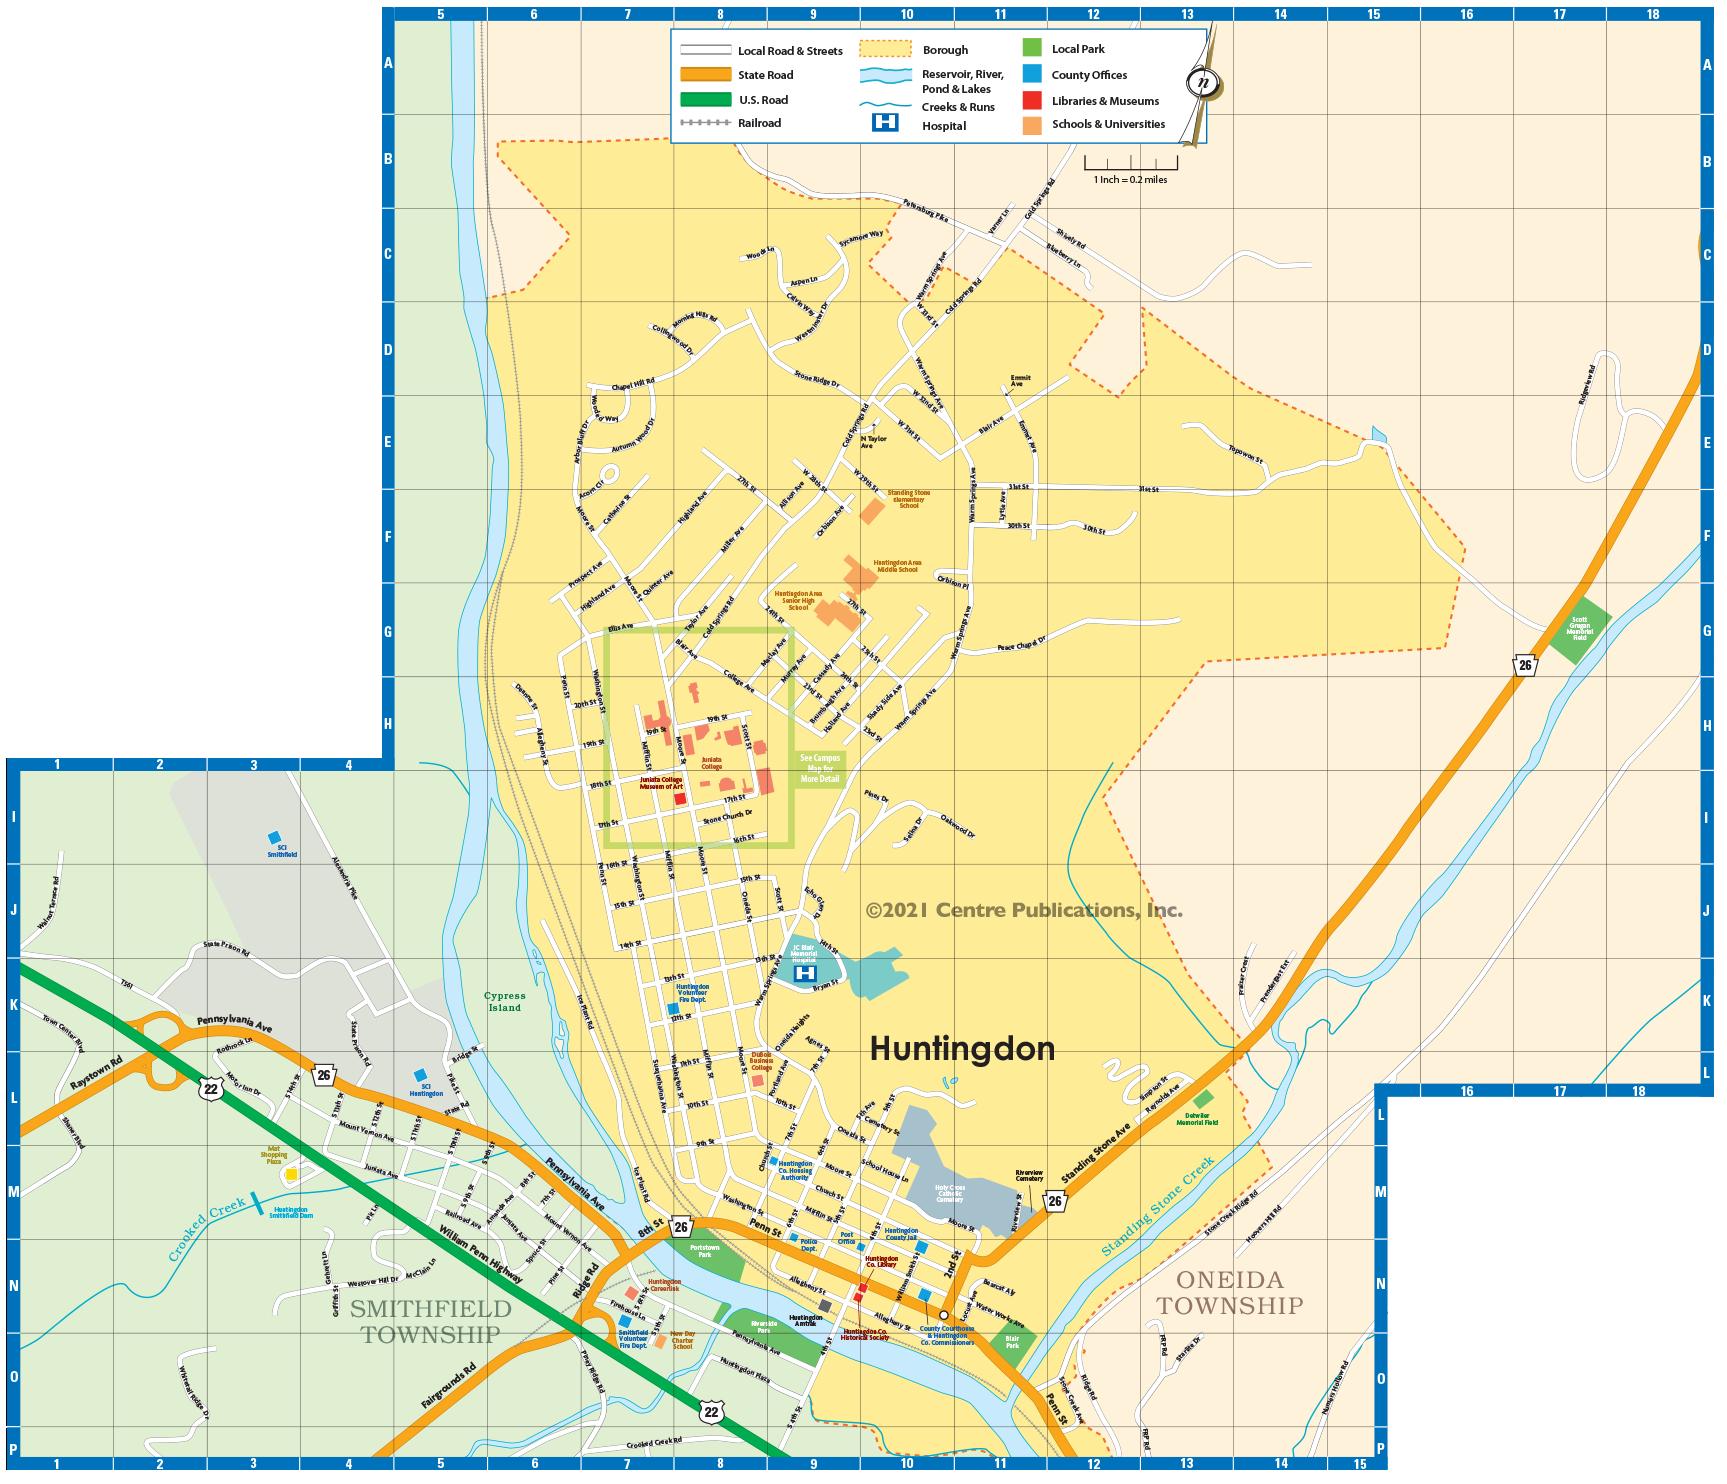 Huntingdon Borough Map